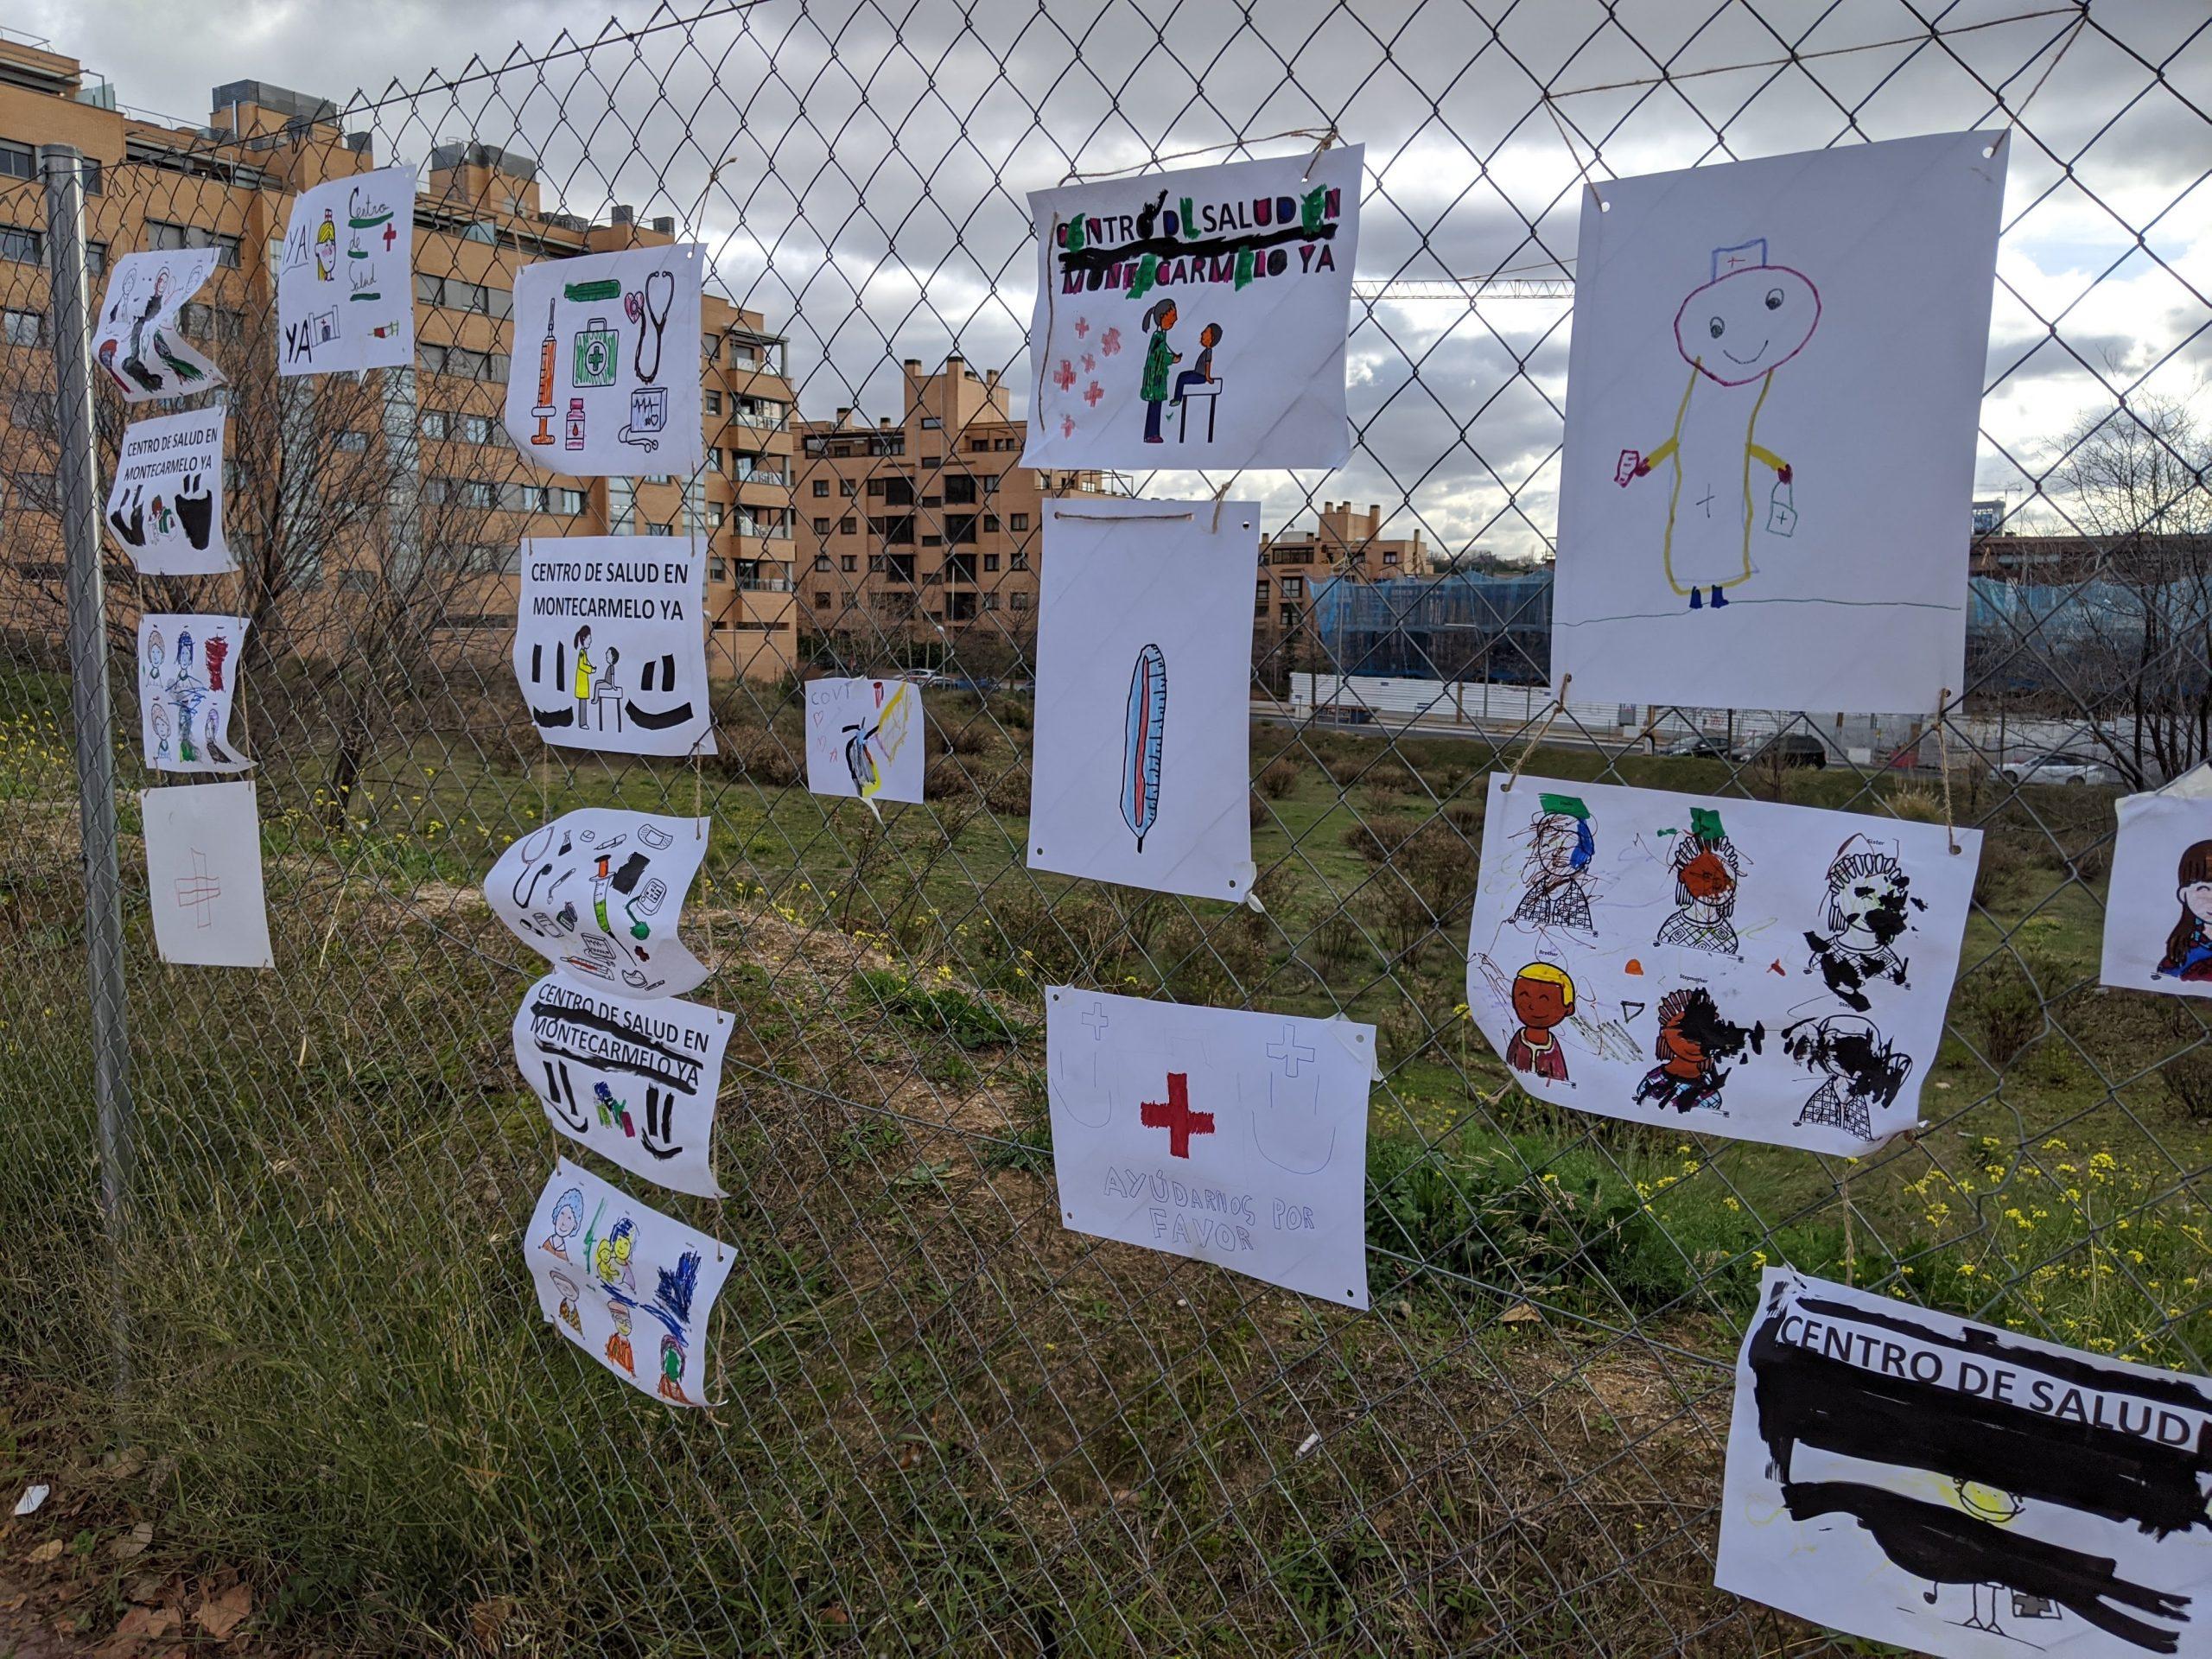 Concentración por un centro de salud en Montecarmelo